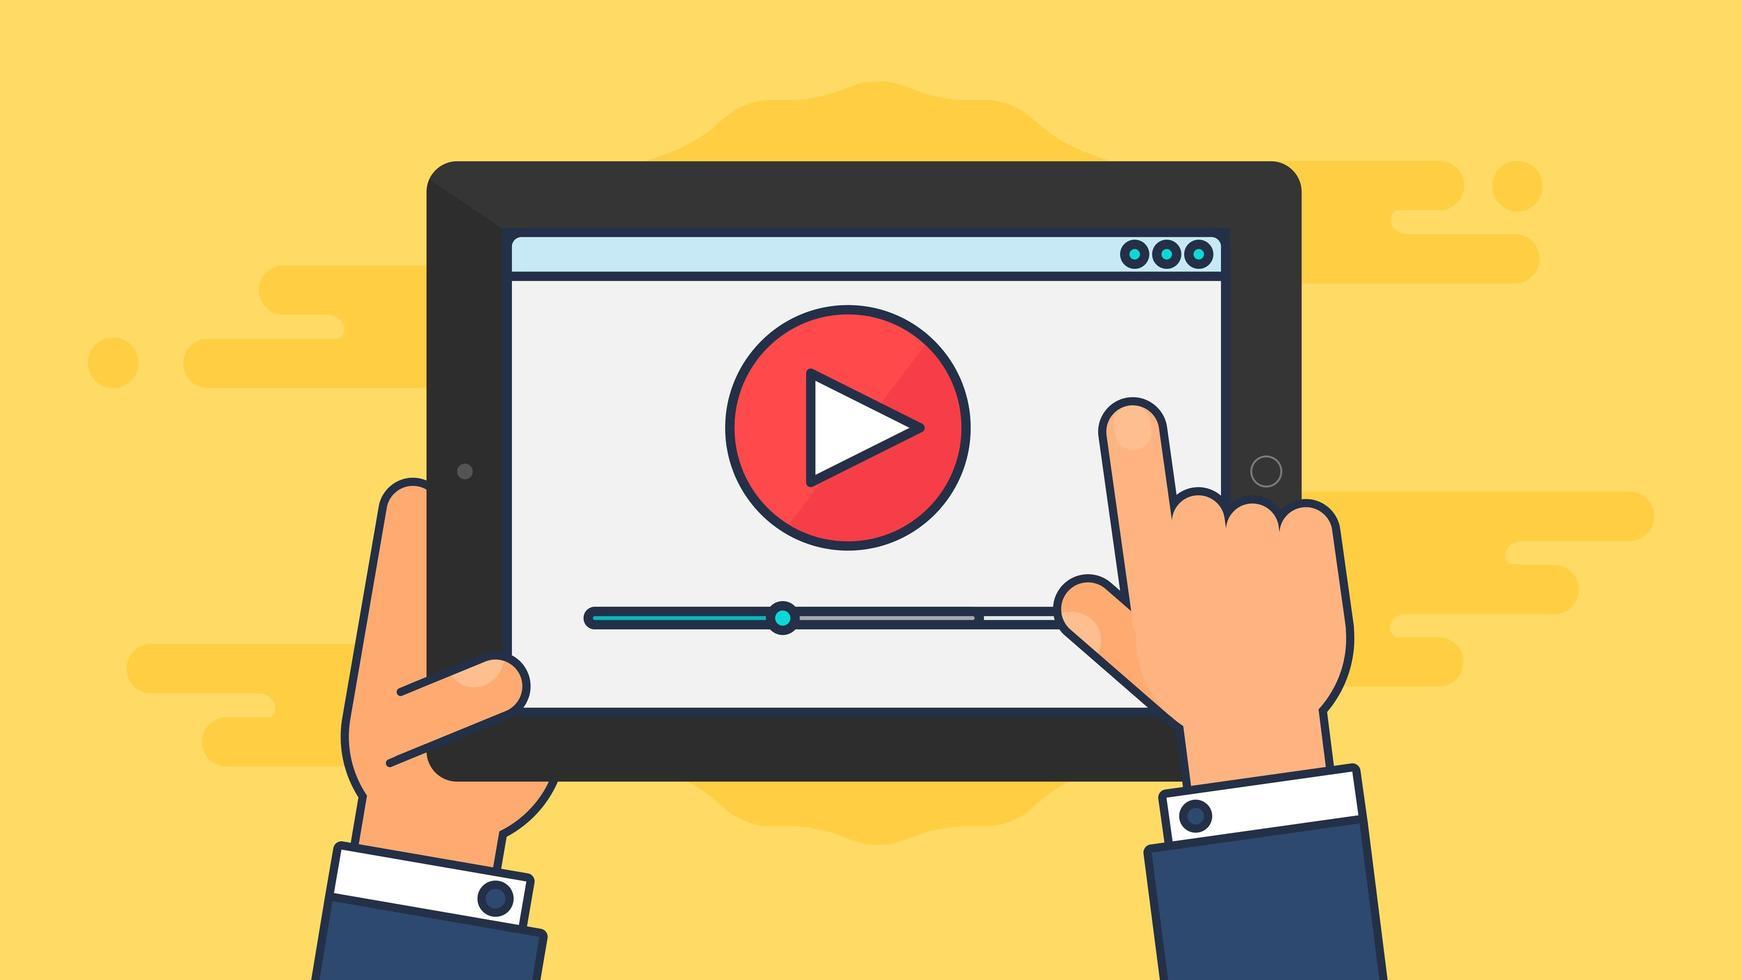 modelo da web da forma de vídeo para tablet vetor